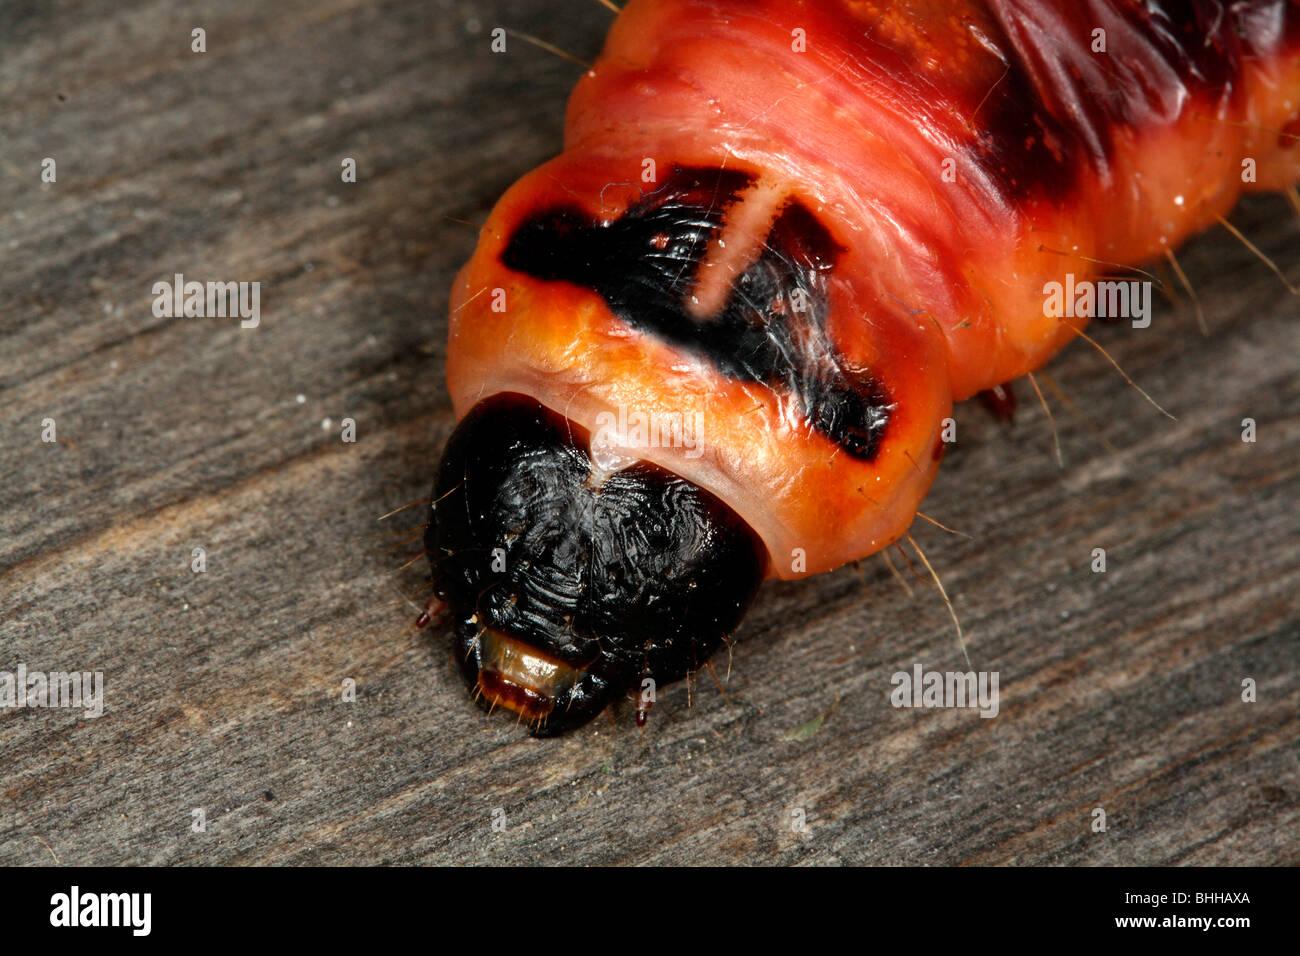 Espèce de chèvre caterpillar, close-up, en Suède. Photo Stock